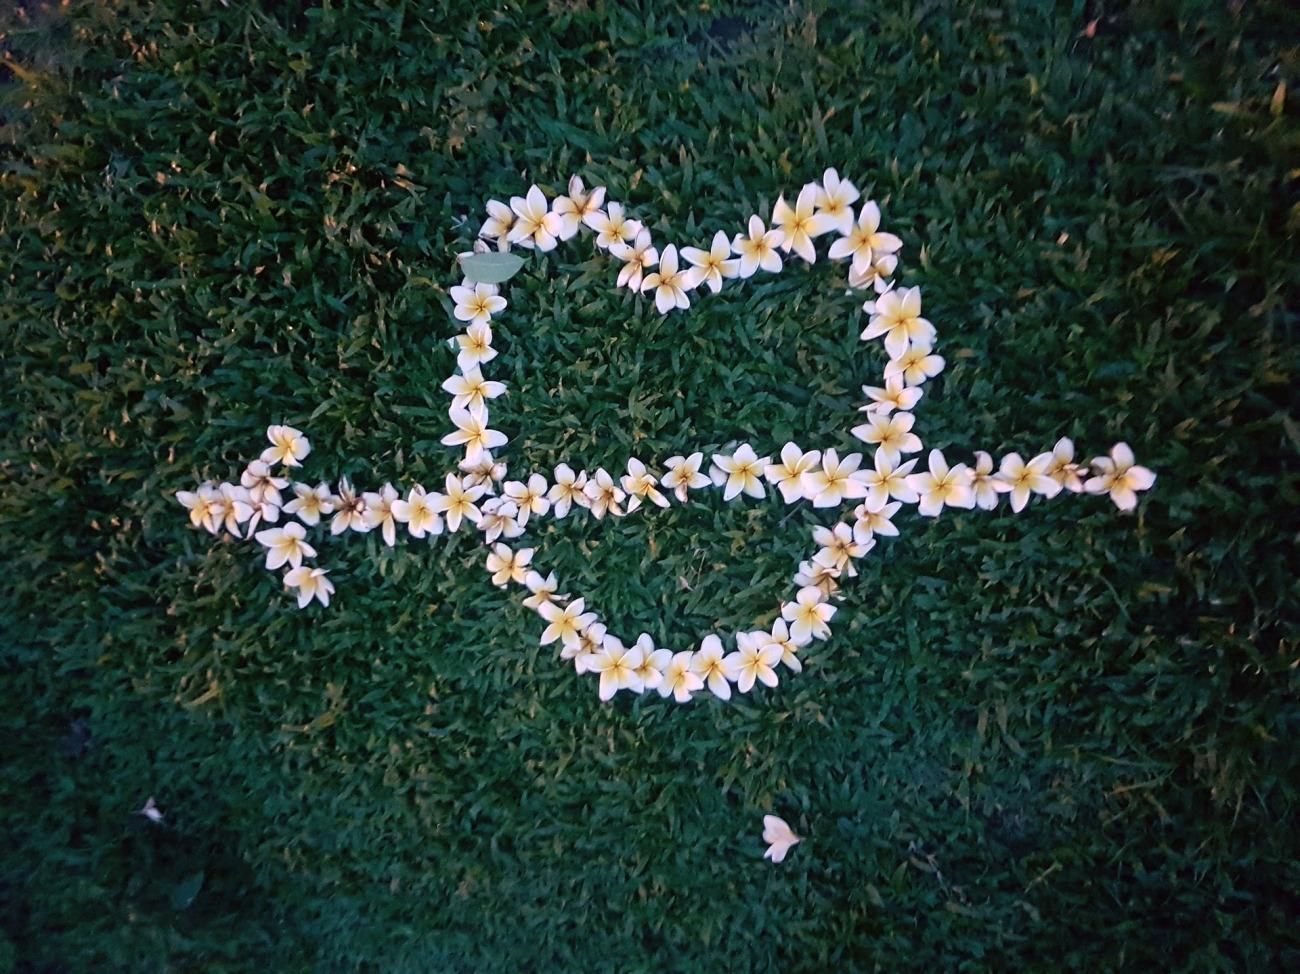 新潟で人気の結婚指輪と婚約指輪 BROOCH 俄(にわか)   オシャレジュエリーNIWAKAのダイヤモンドエンゲージリング(婚約指輪)でスペシャルなプロポーズを演出する